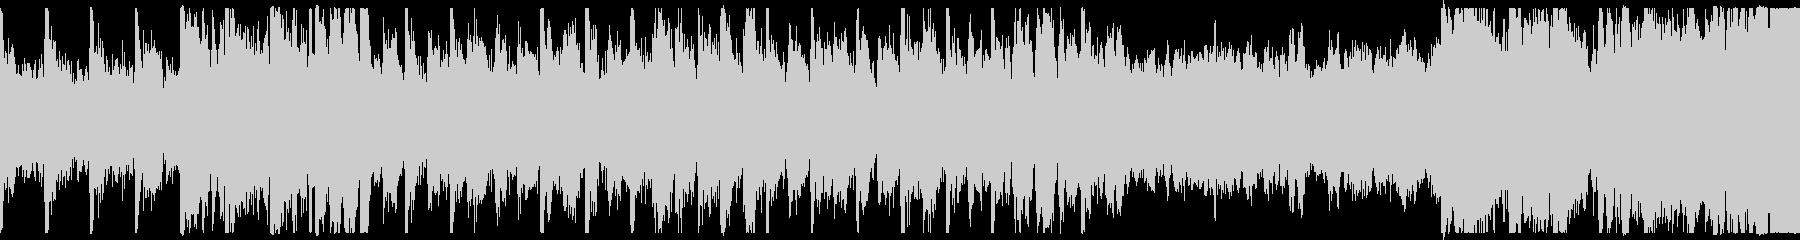 明るいオーケストラ曲 ループの未再生の波形